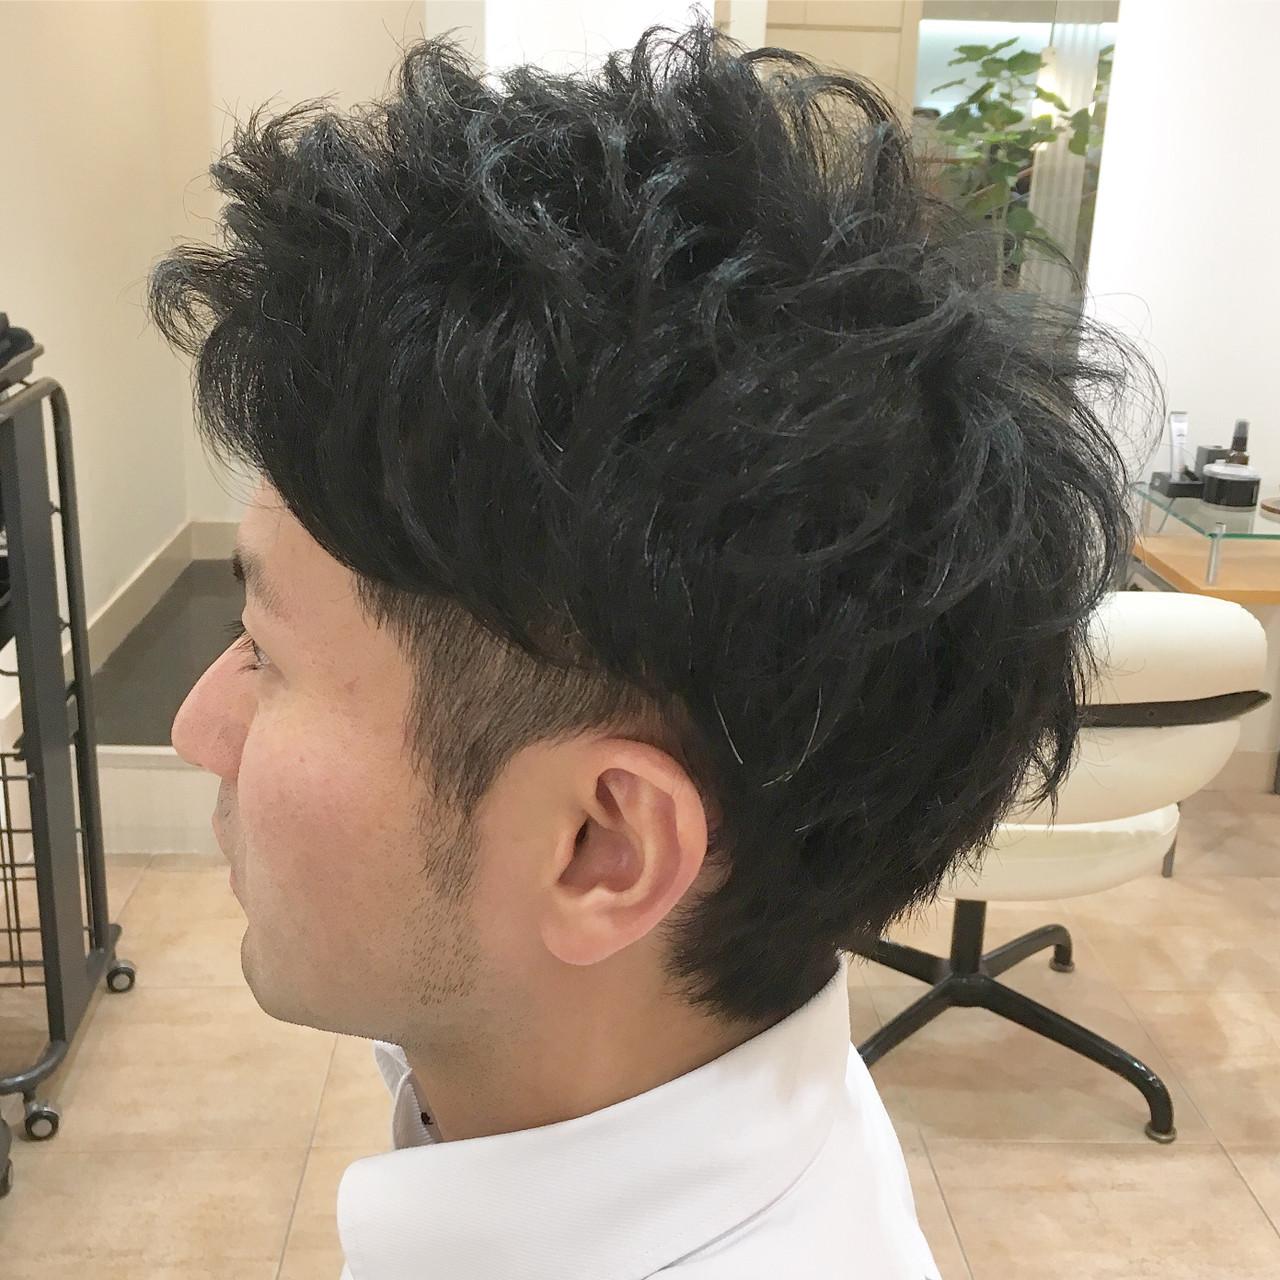 ナチュラル 刈り上げ アップバング メンズ ヘアスタイルや髪型の写真・画像